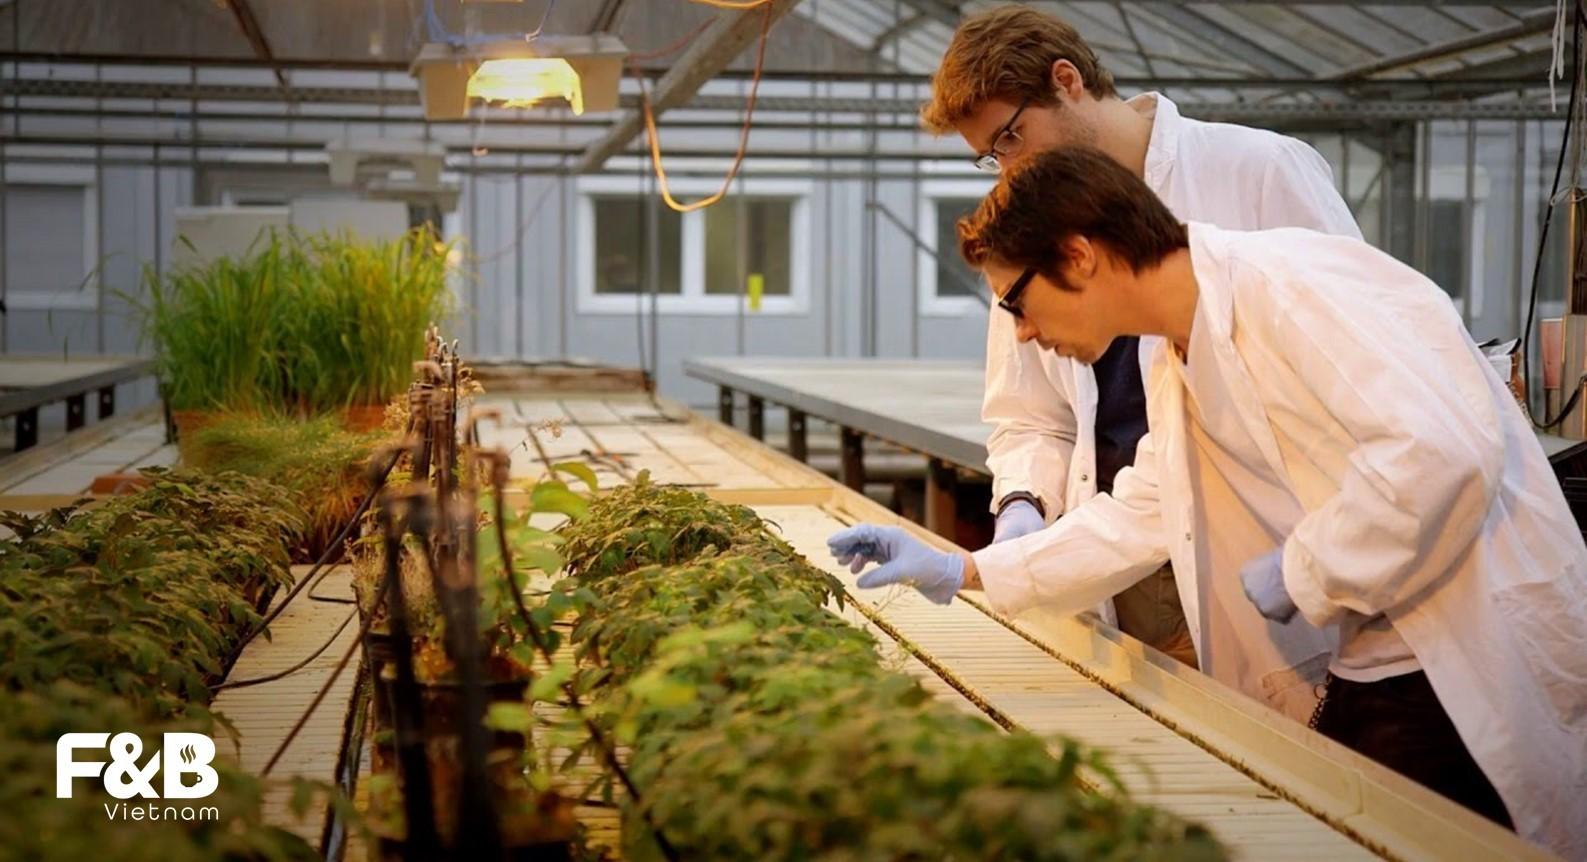 Ngành trồng trọt sẽ có bước tiến đáng kể trong tương lai